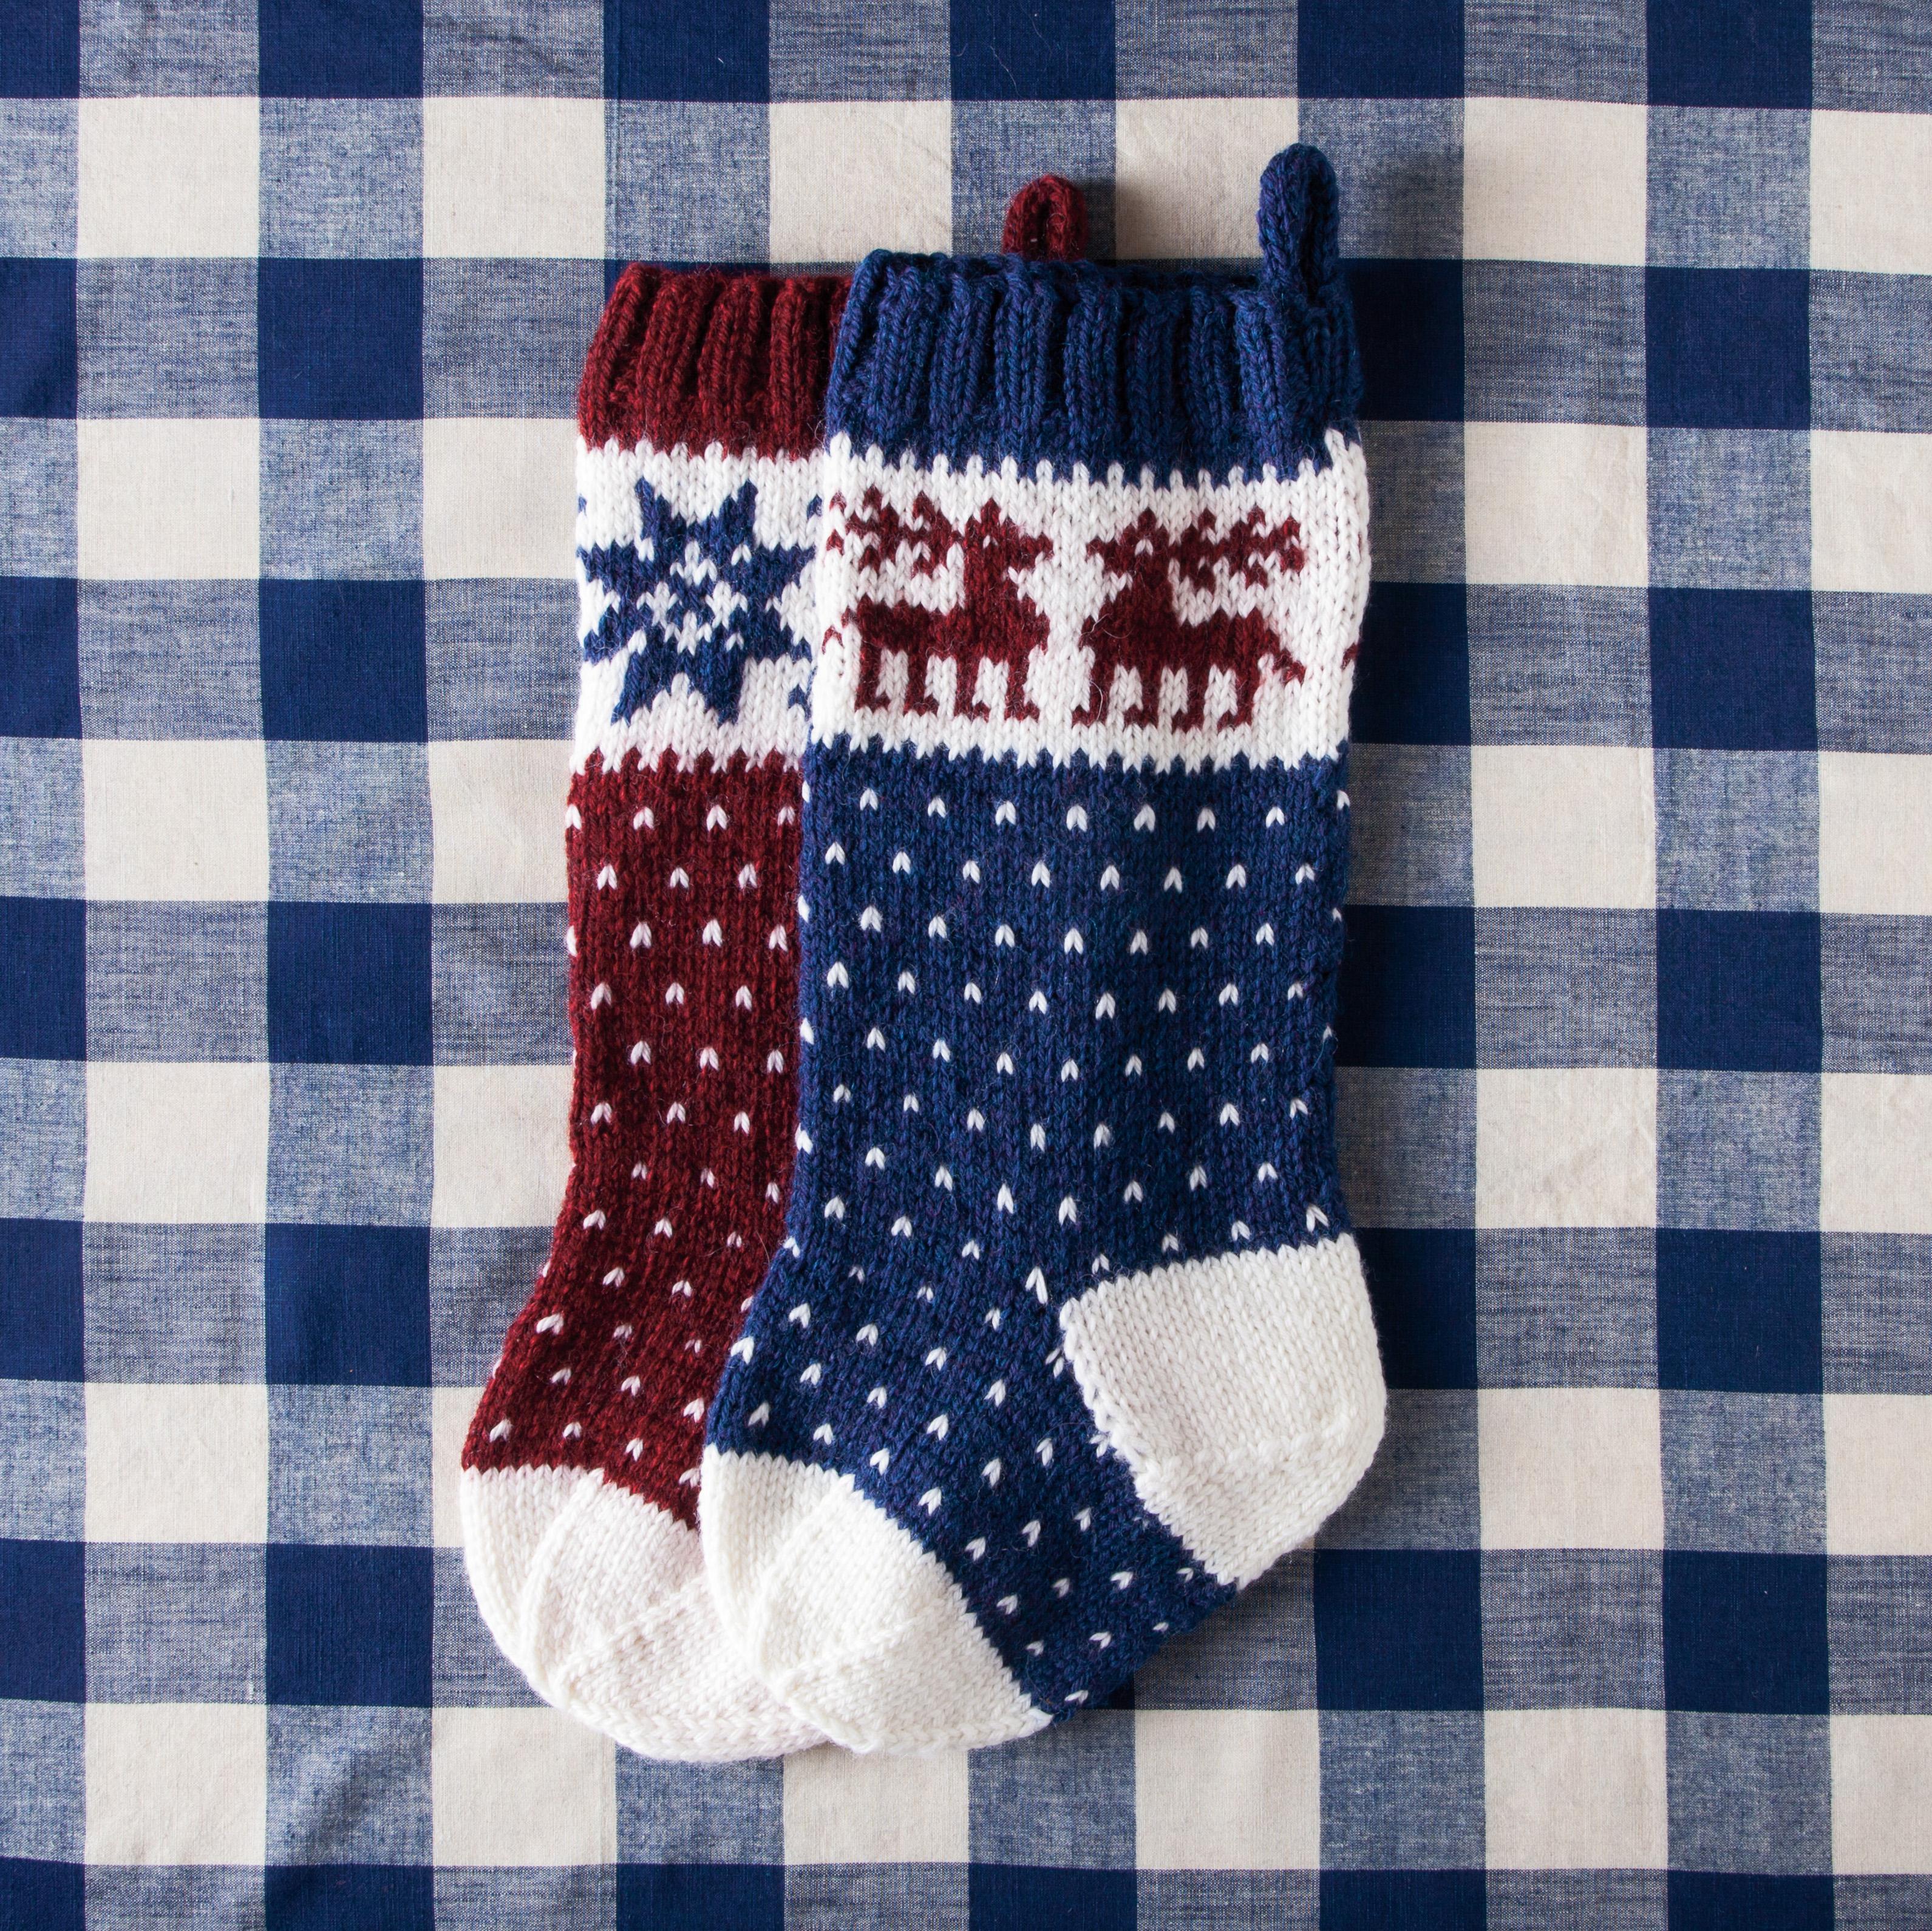 Merry Knitmas! New holiday knitting patterns | PDXKnitterati